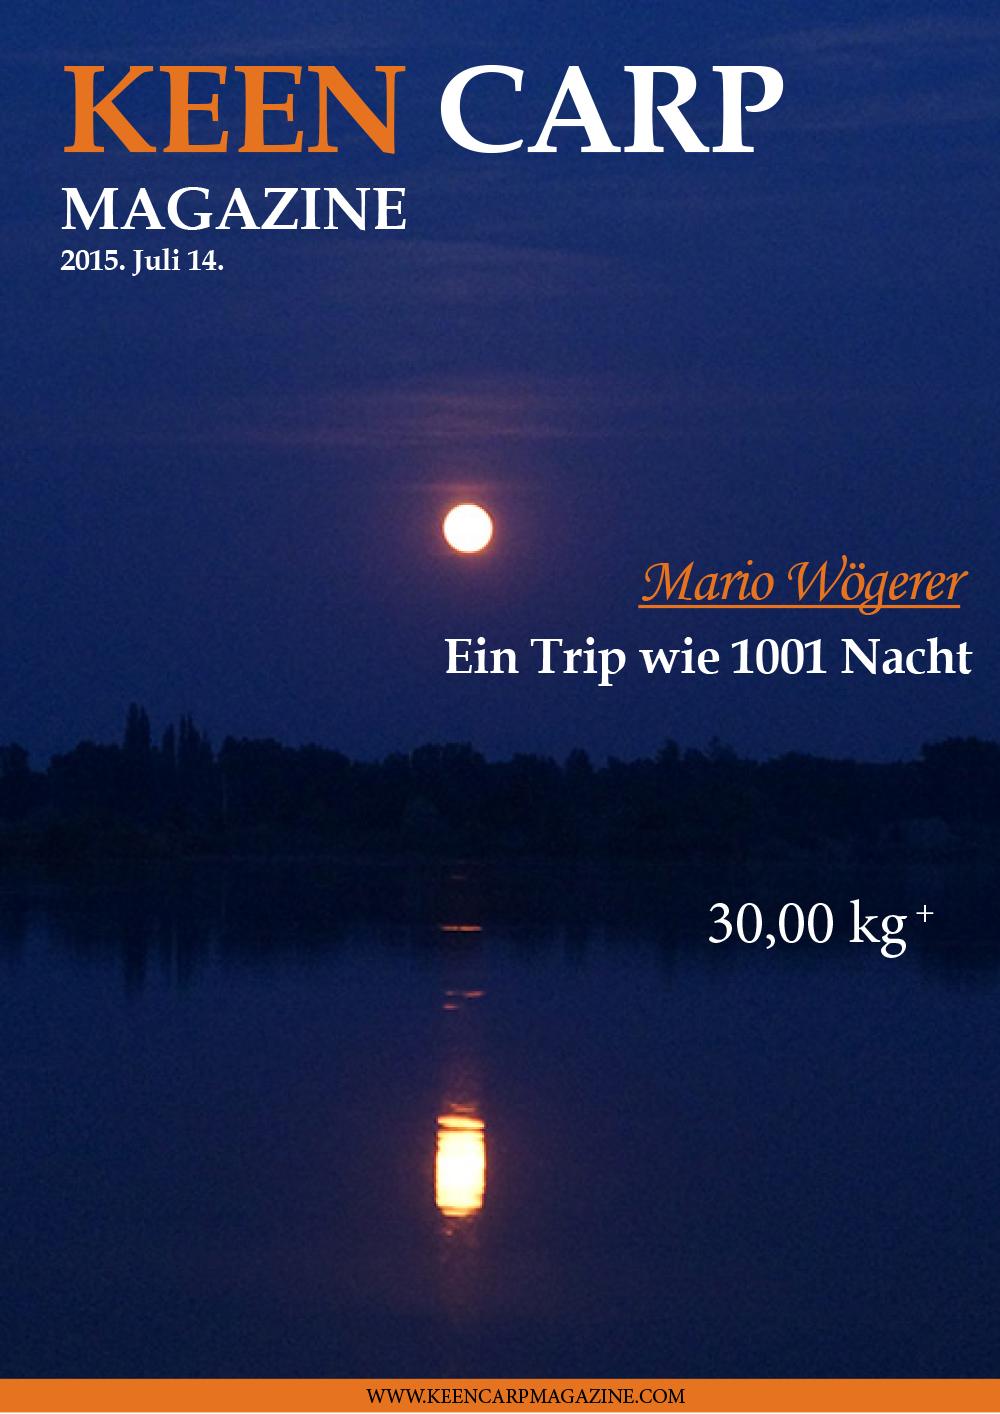 Ein Trip wie 1001 Nacht